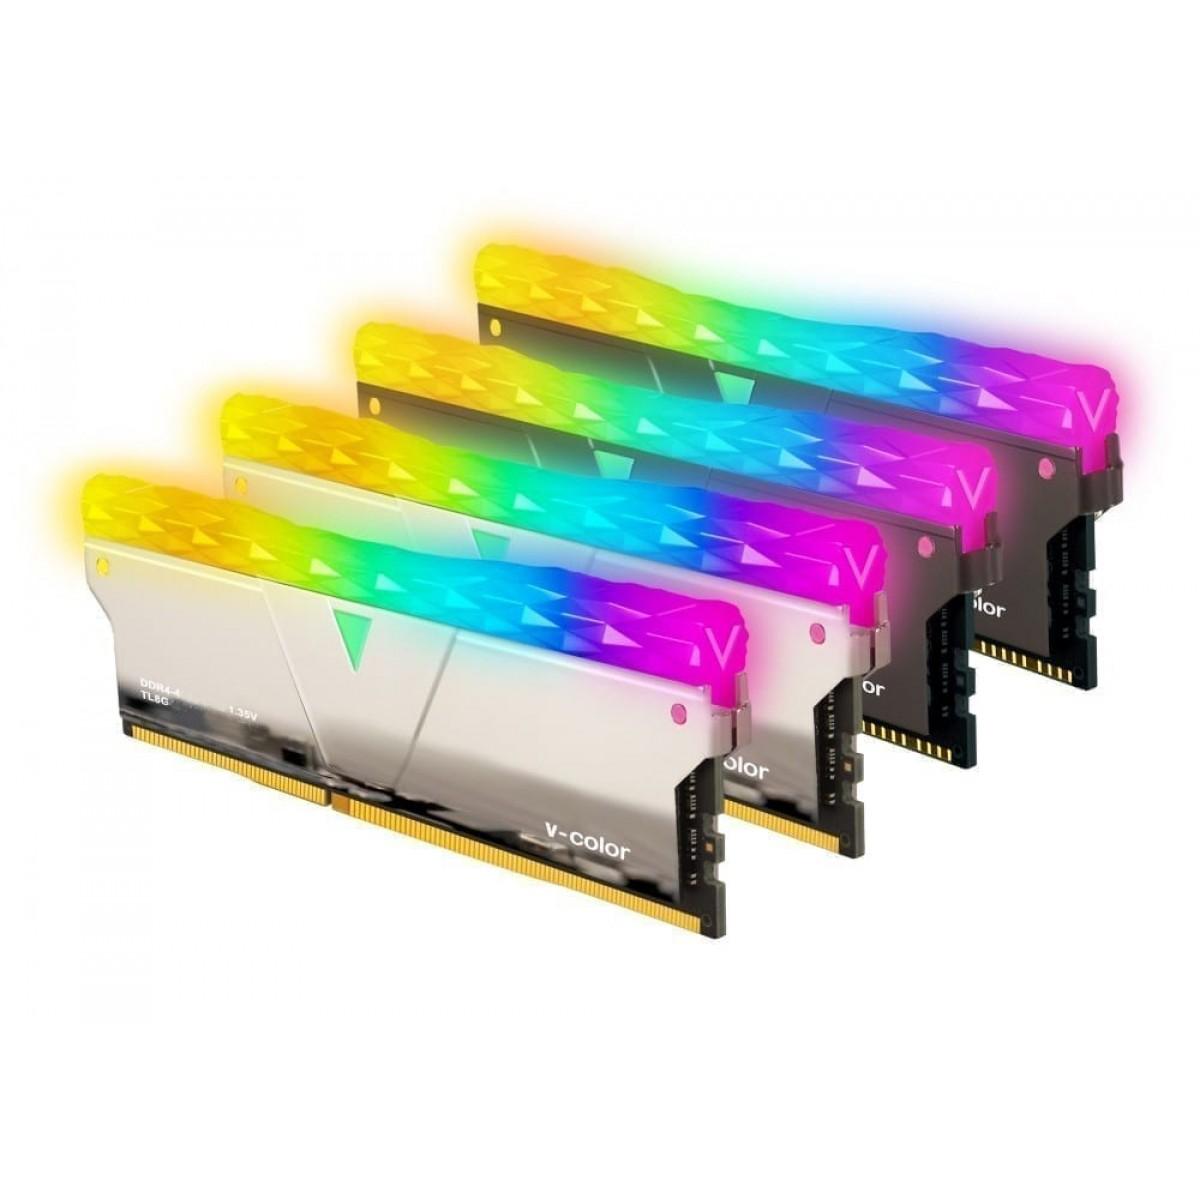 Memória DDR4 V-Color Prism Pro, 16GB (2x8GB), 4133Mhz, RGB, Silver, SCC-TL8G41819D-E6PRSWK